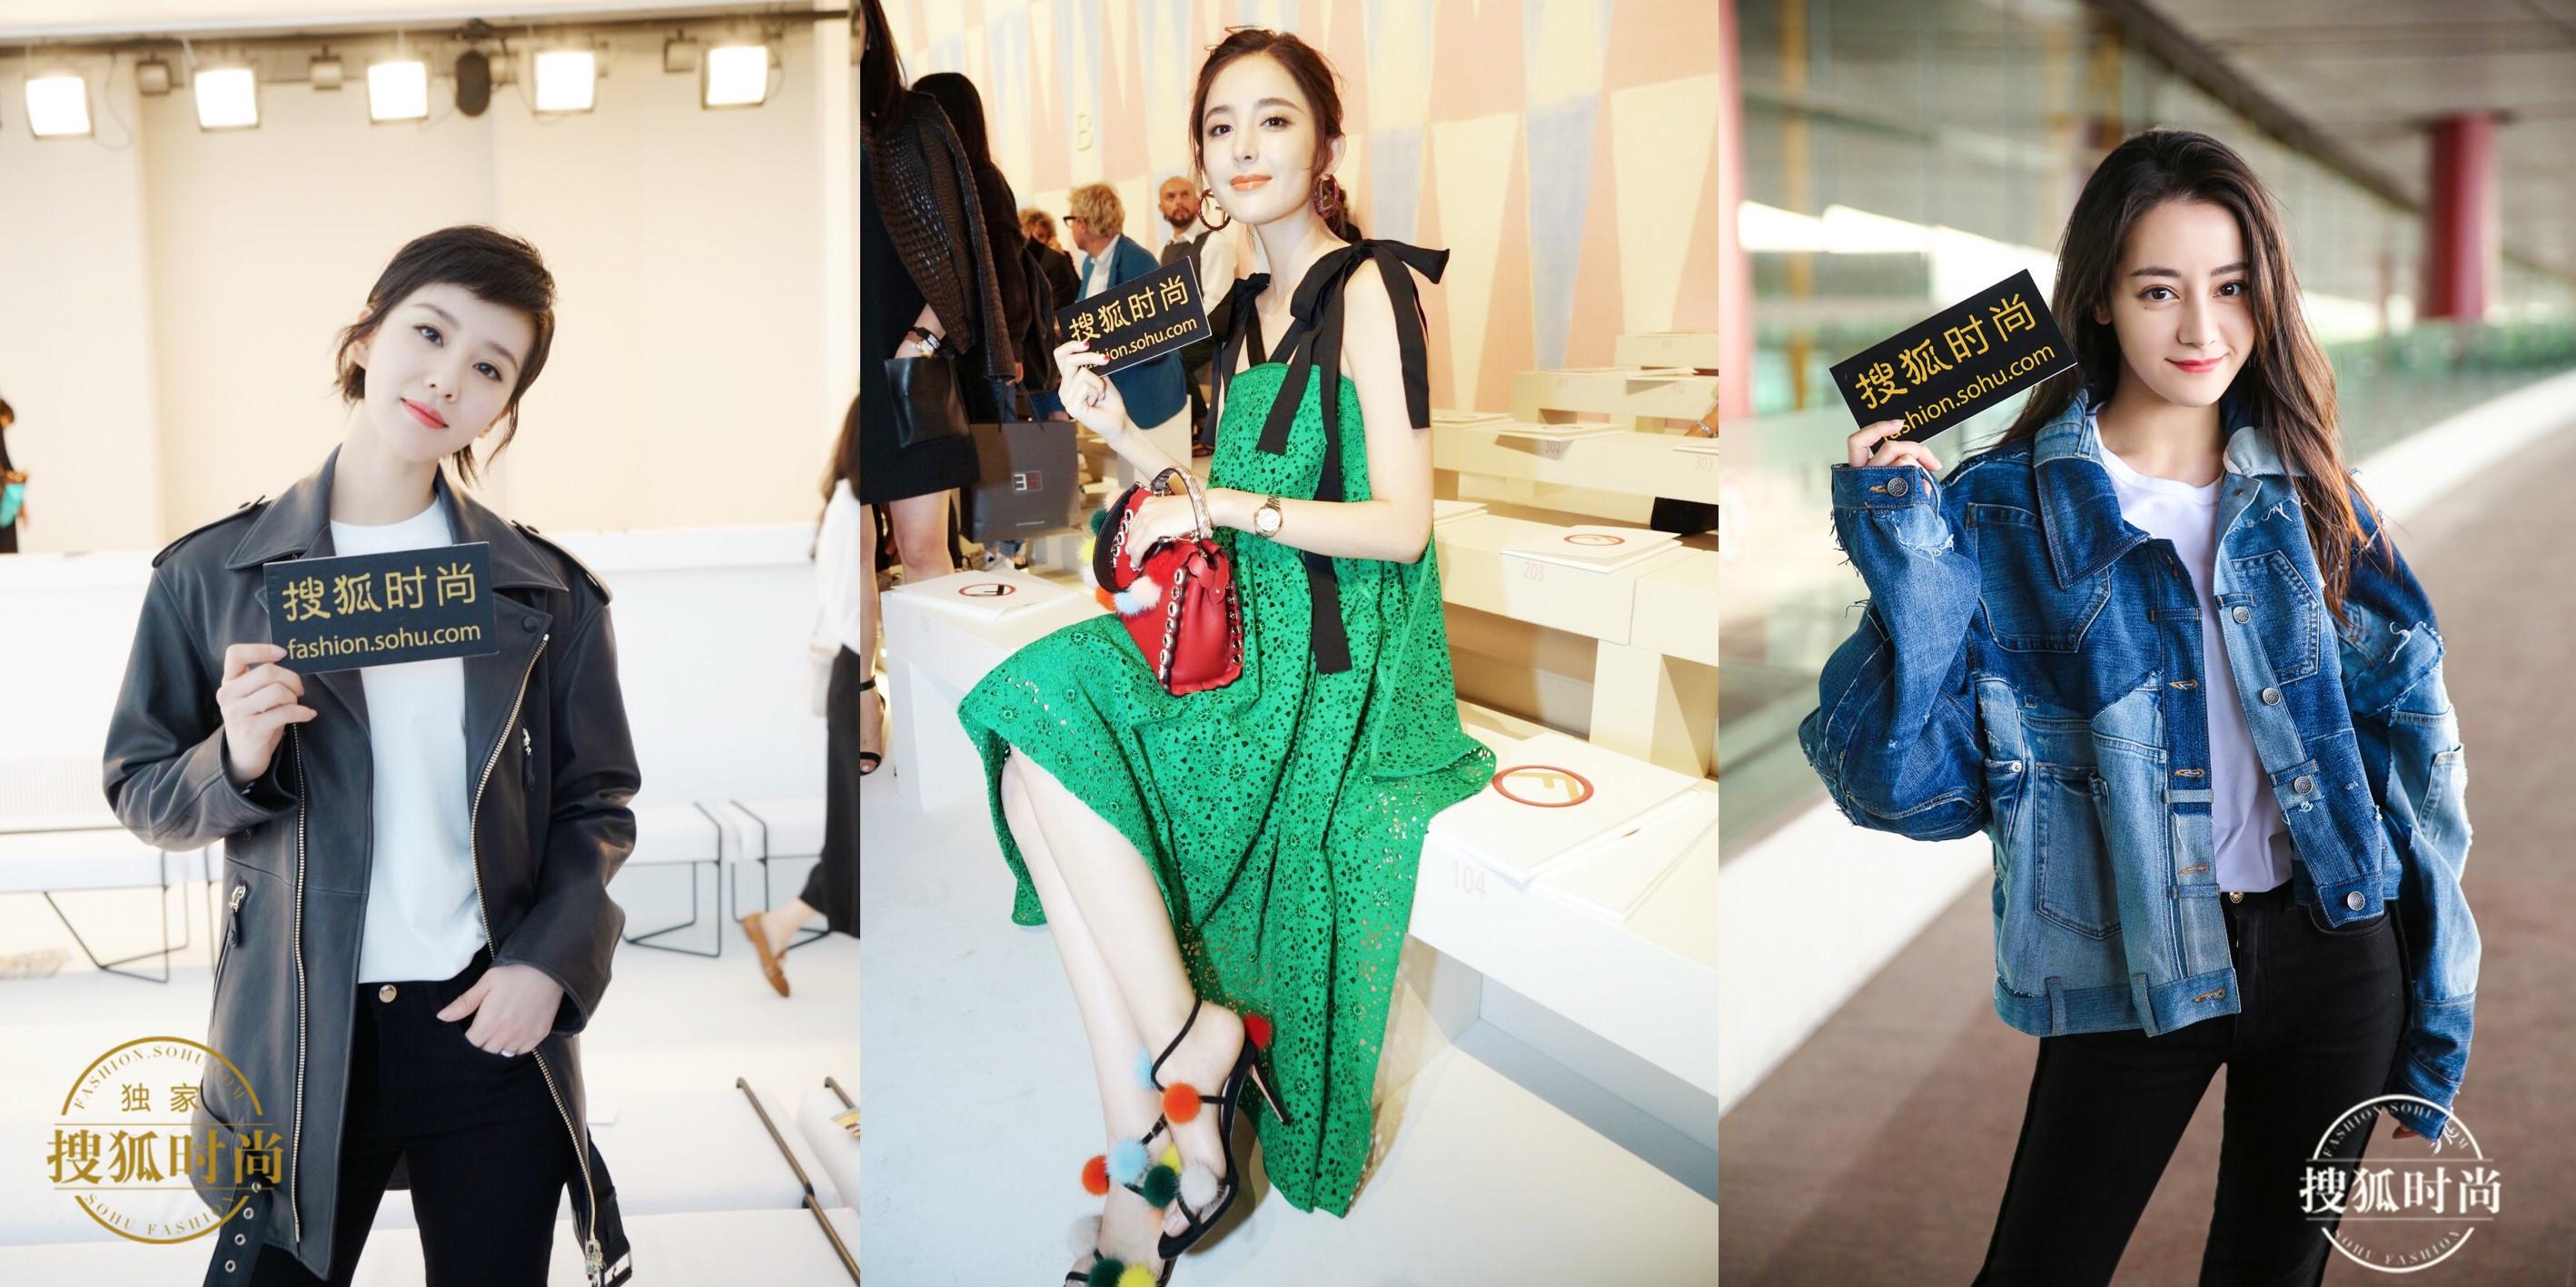 深度|女星们争奇斗艳的米兰时装周,到底有多少设计值得买?